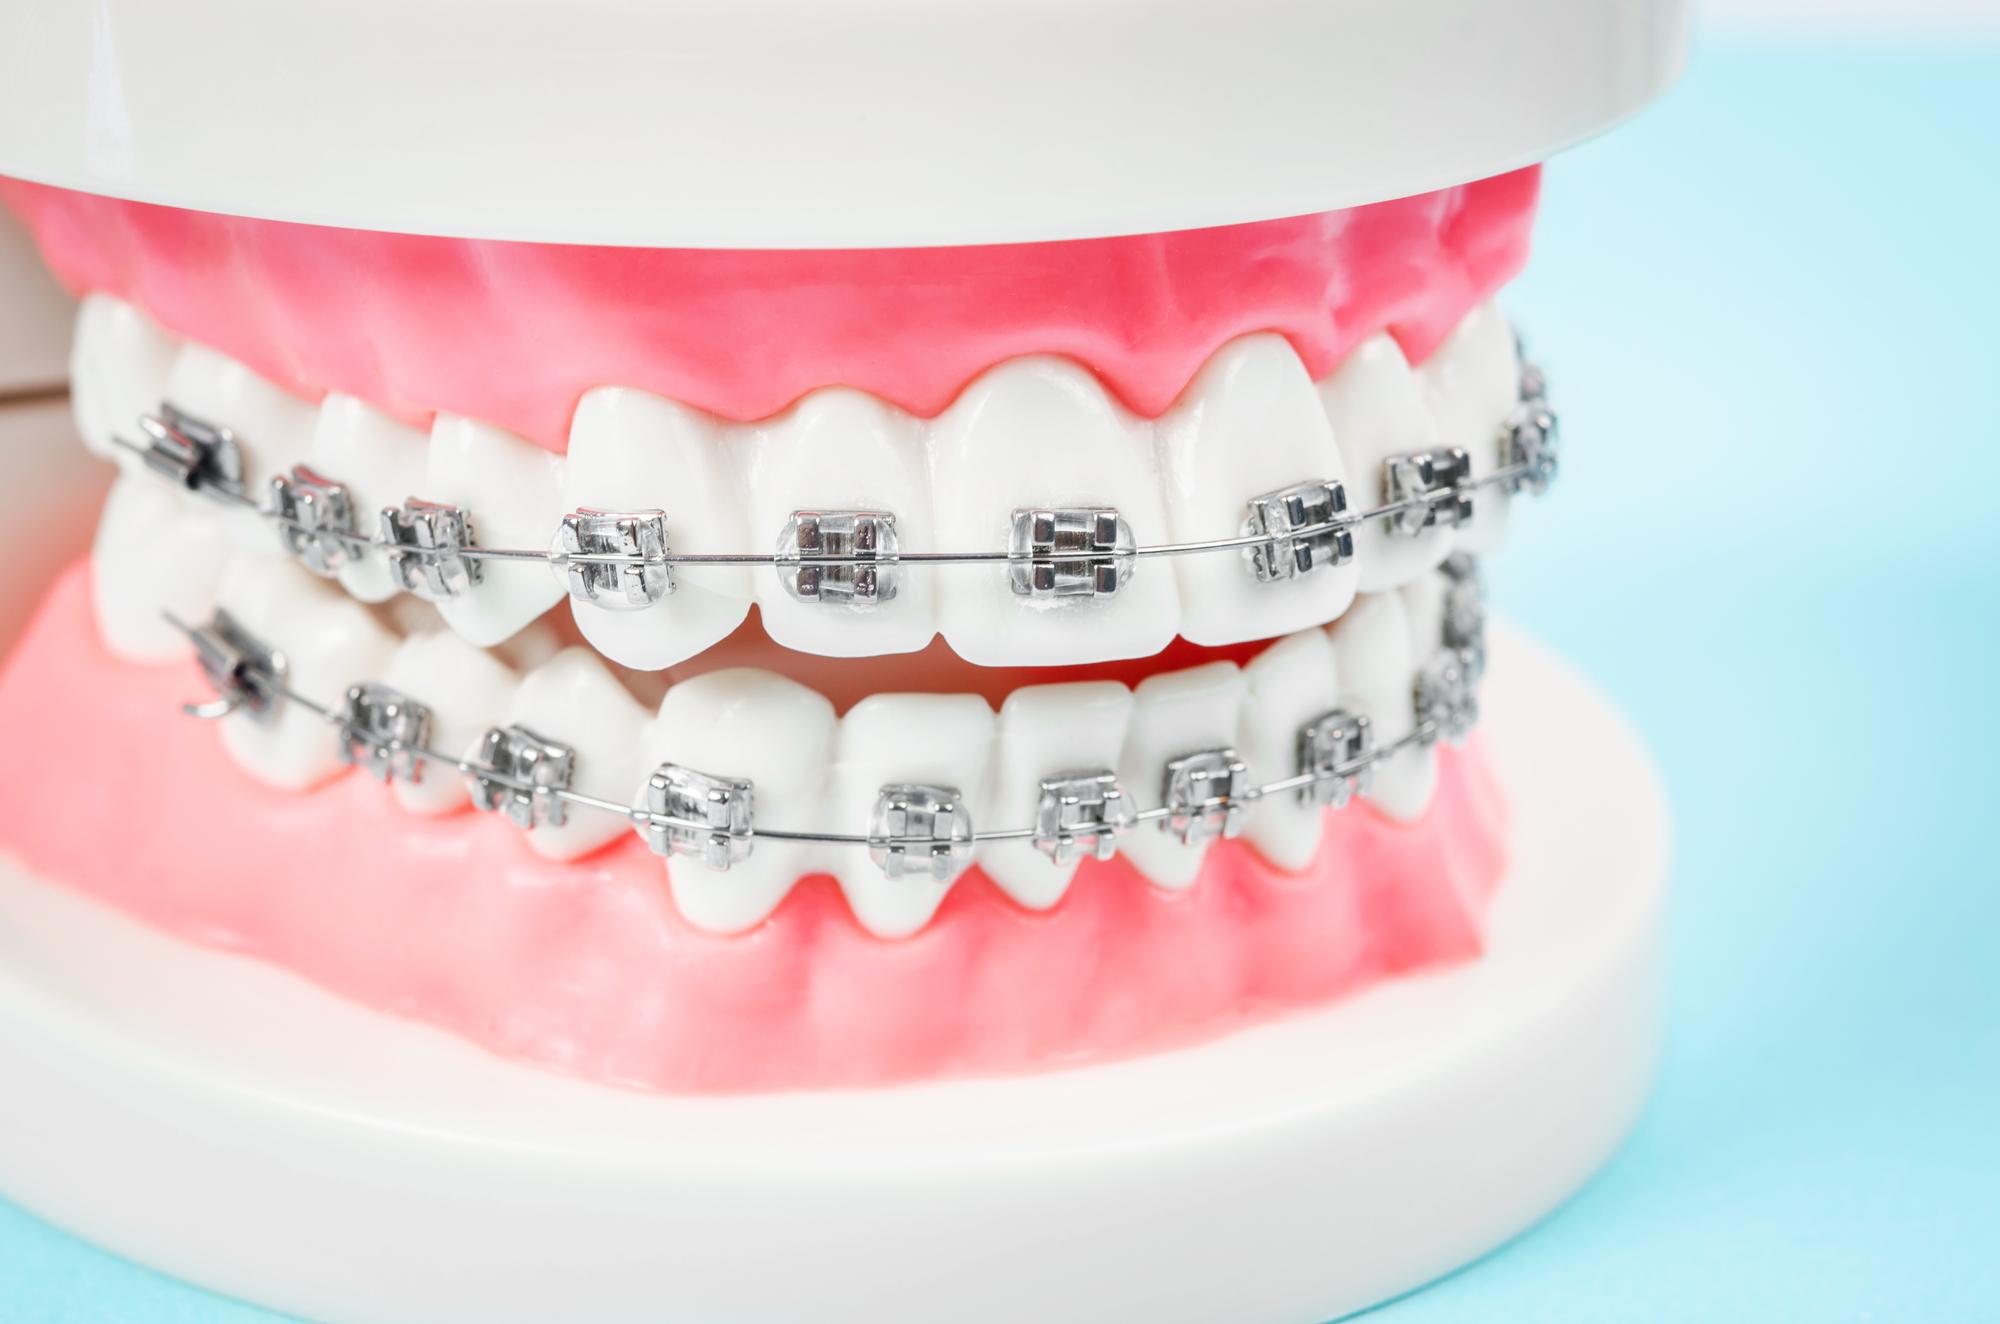 歯型採取装置・バンド装着後、ブラケットを装着して治療を開始いたします。